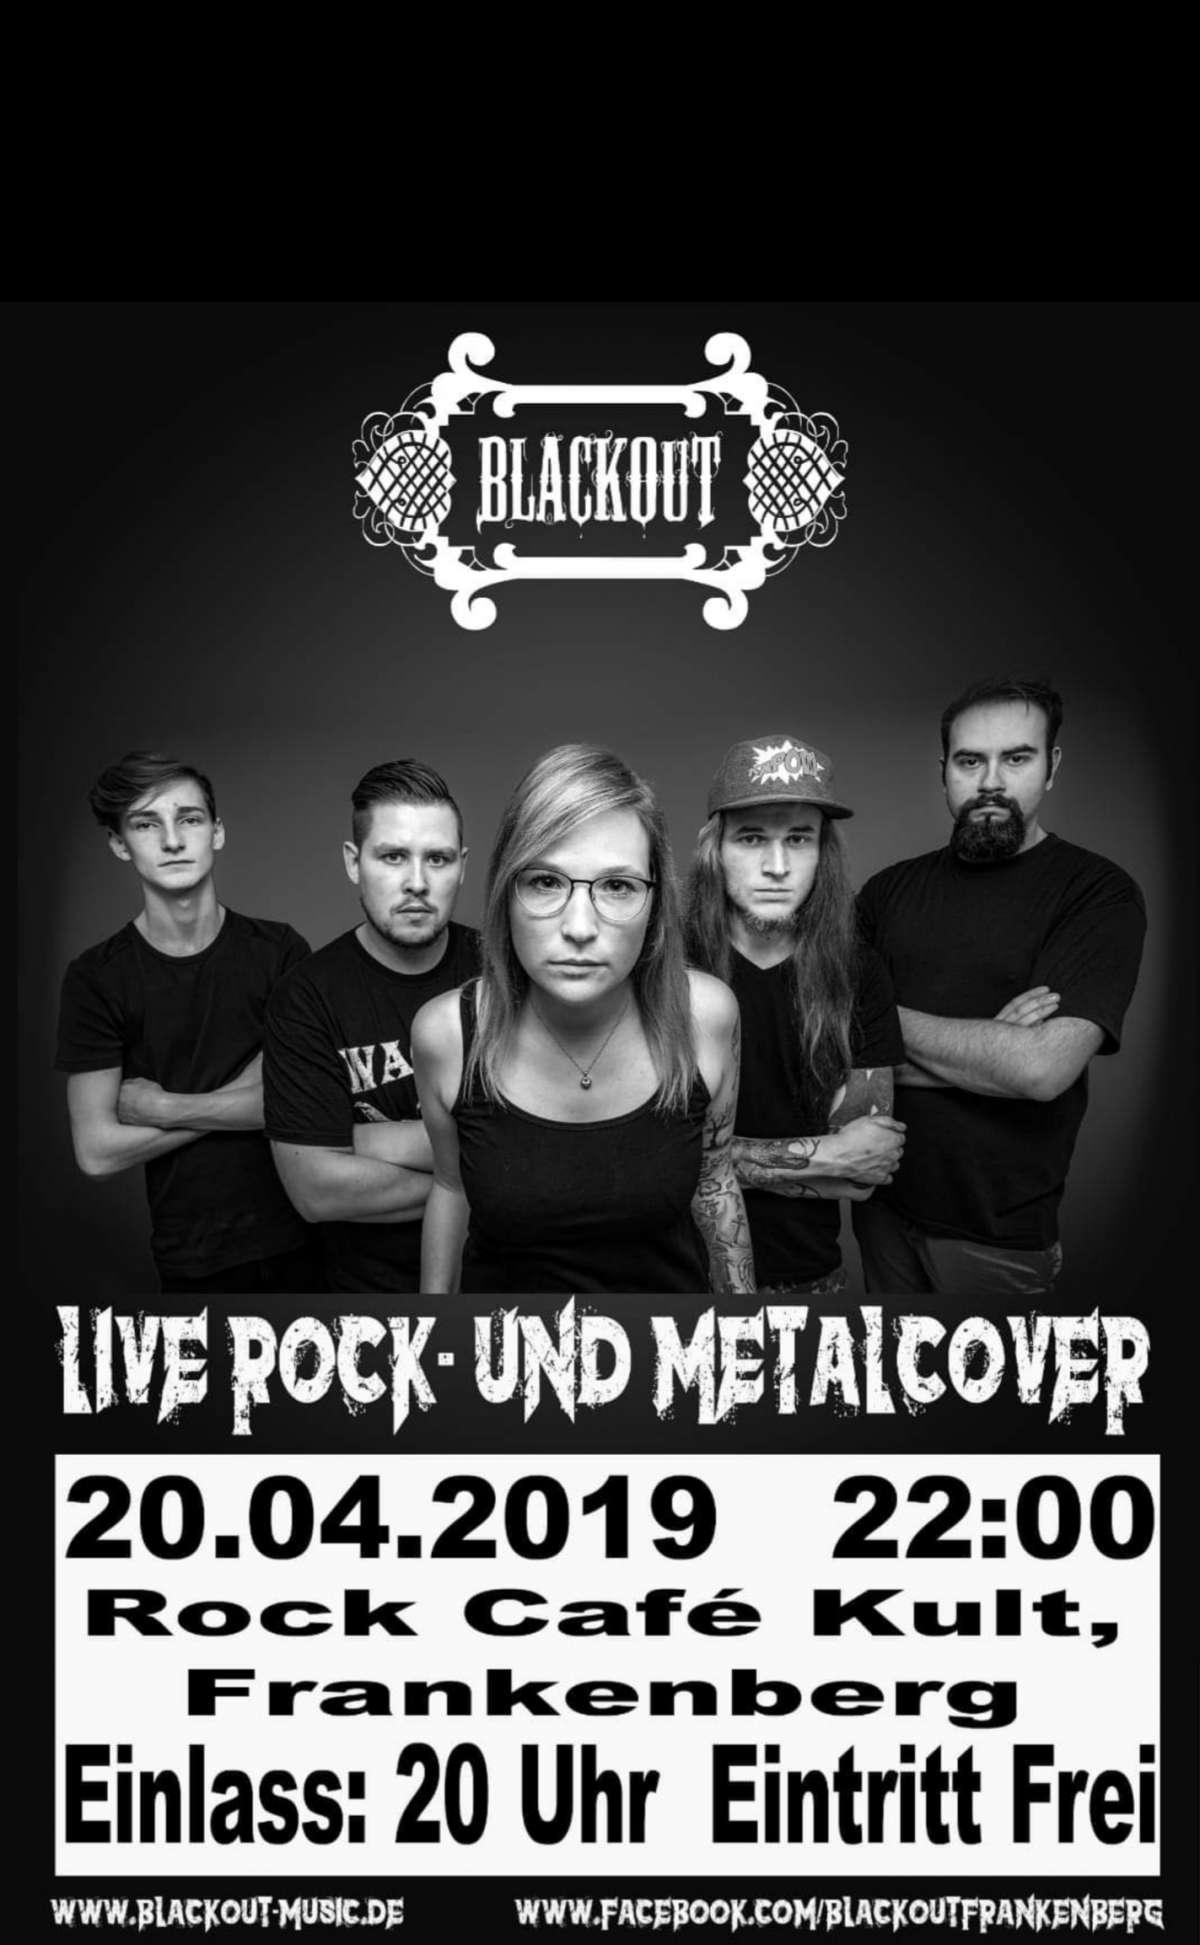 Veranstaltungen & Events am »Samstag, 20. April 2019« in deiner Nähe...